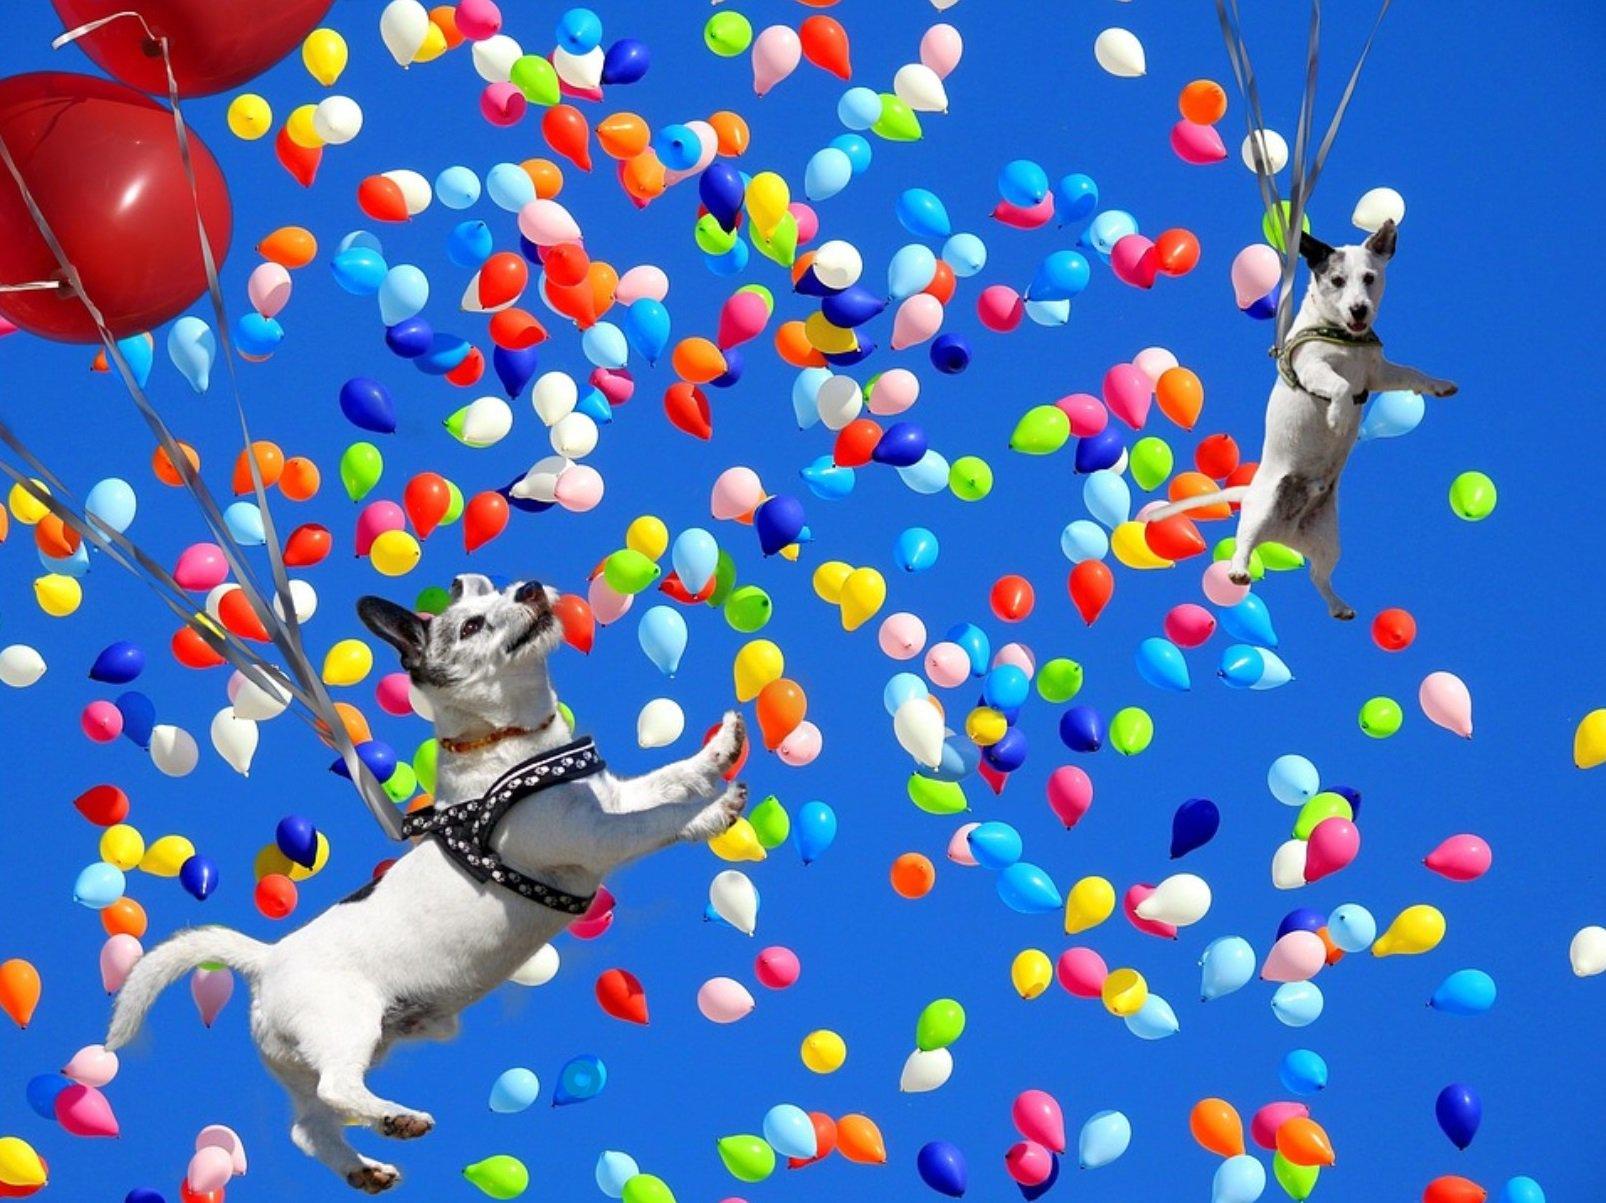 Смешная картинка с шарами, открытка ребенку